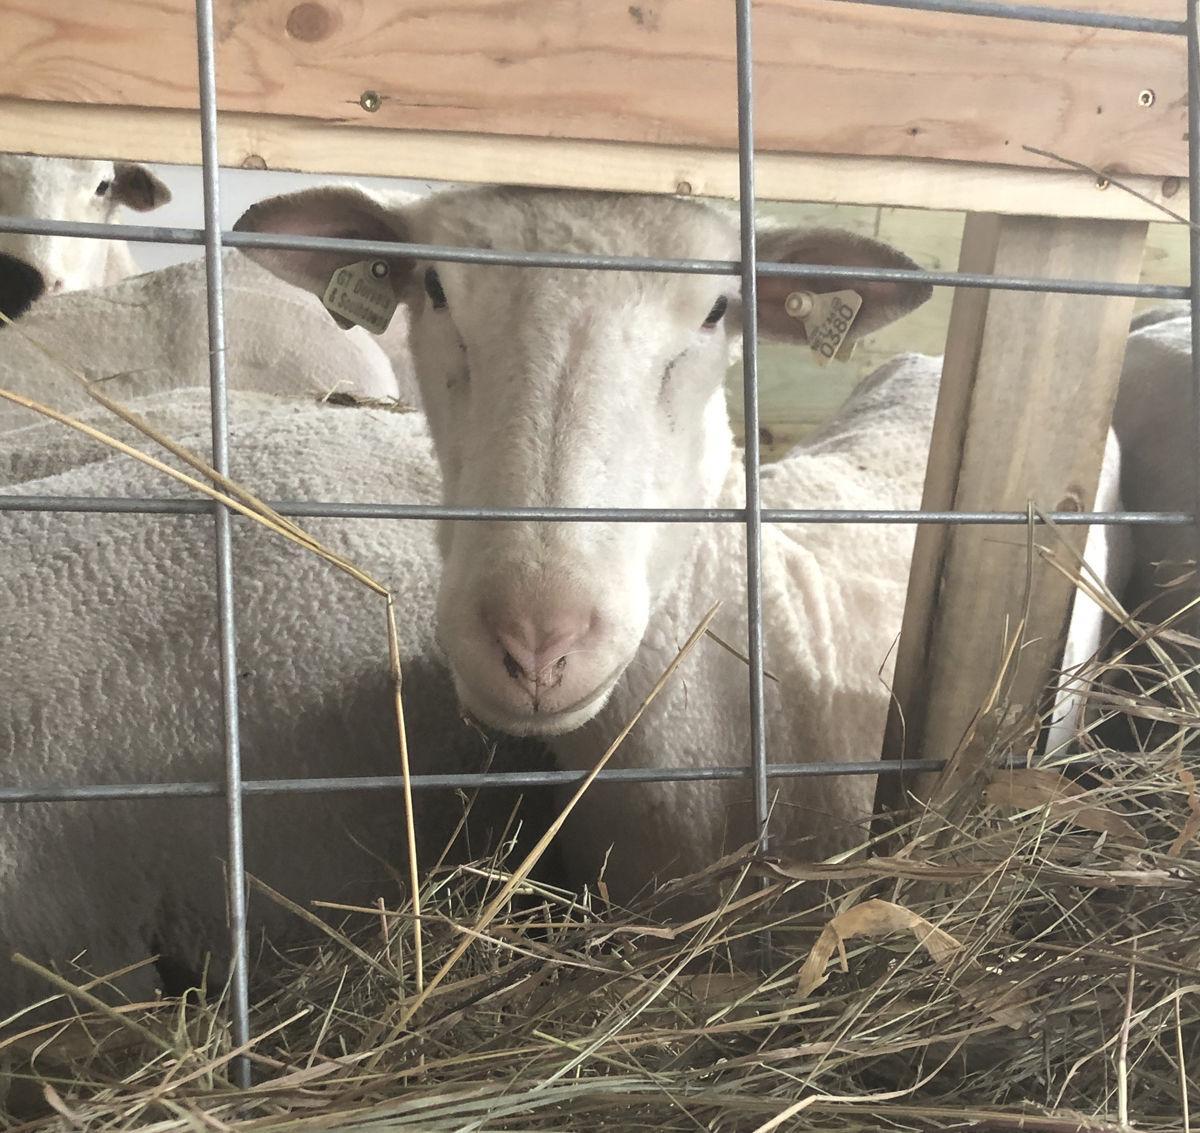 Schoenfeld ewe eating grass hay